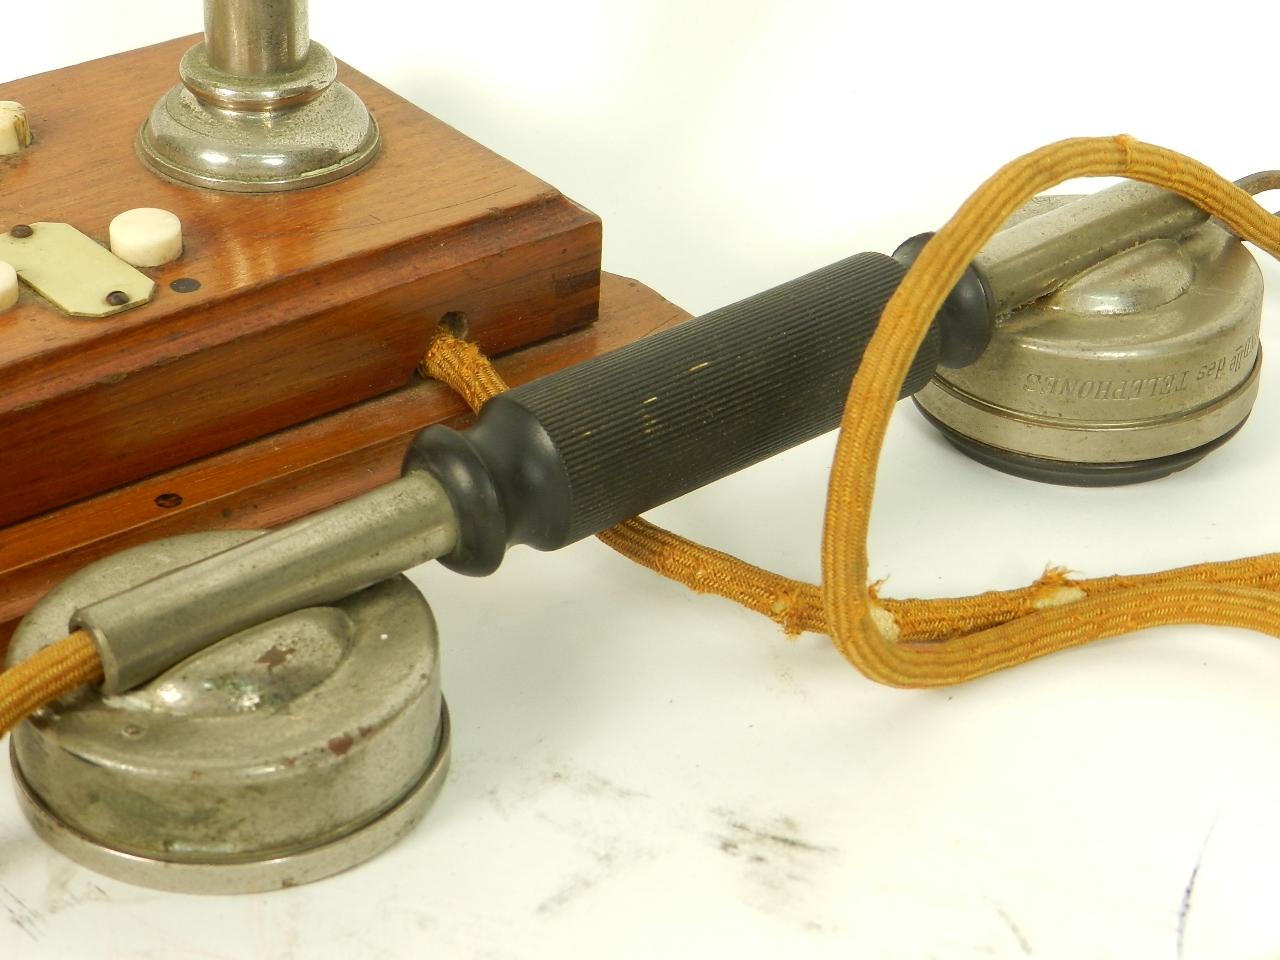 Imagen TELEFONO SIT AÑO 1920 29487